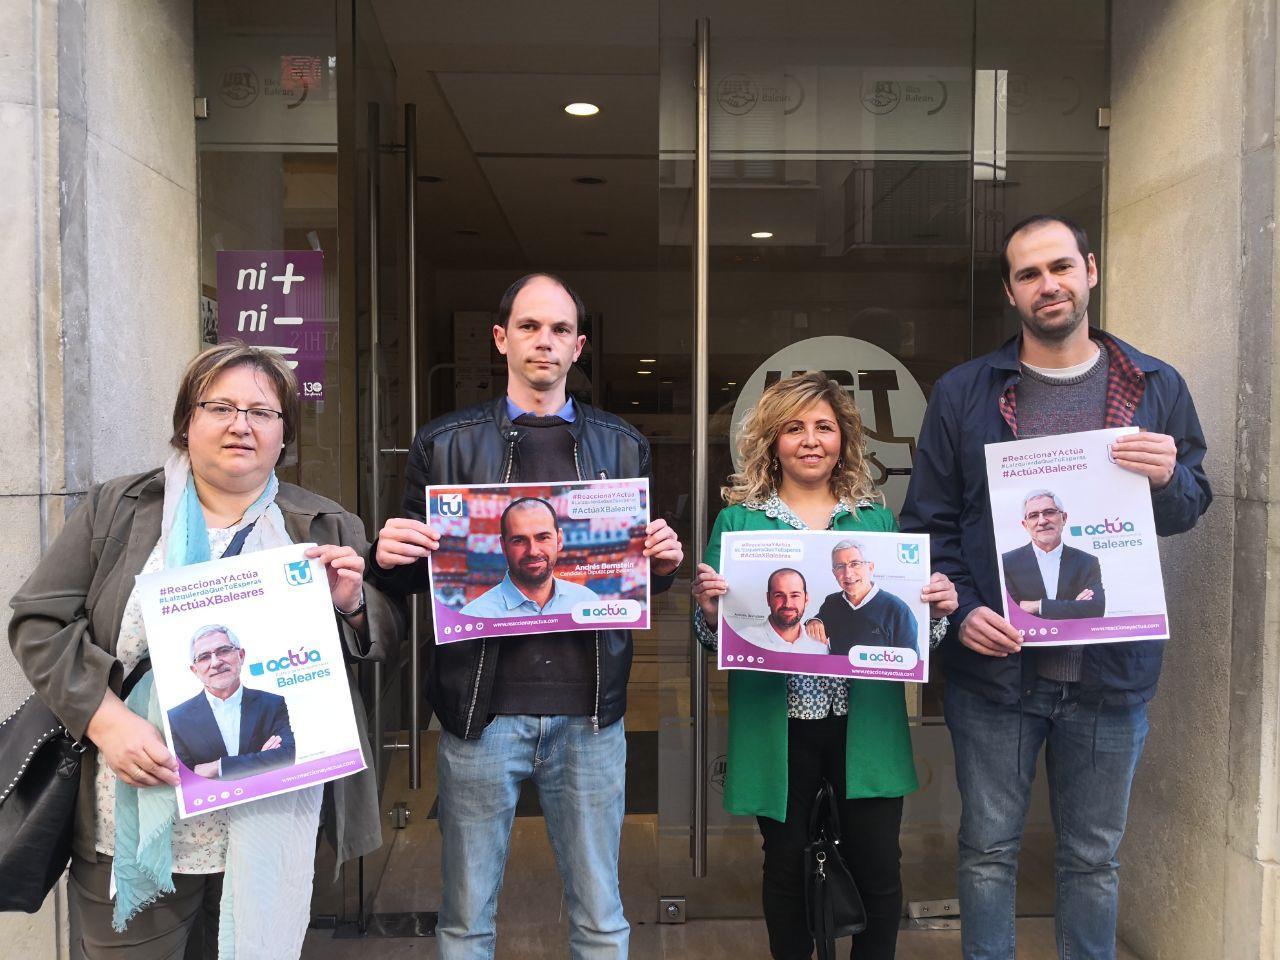 Los candidatos de Actúa con sus carteles electorales